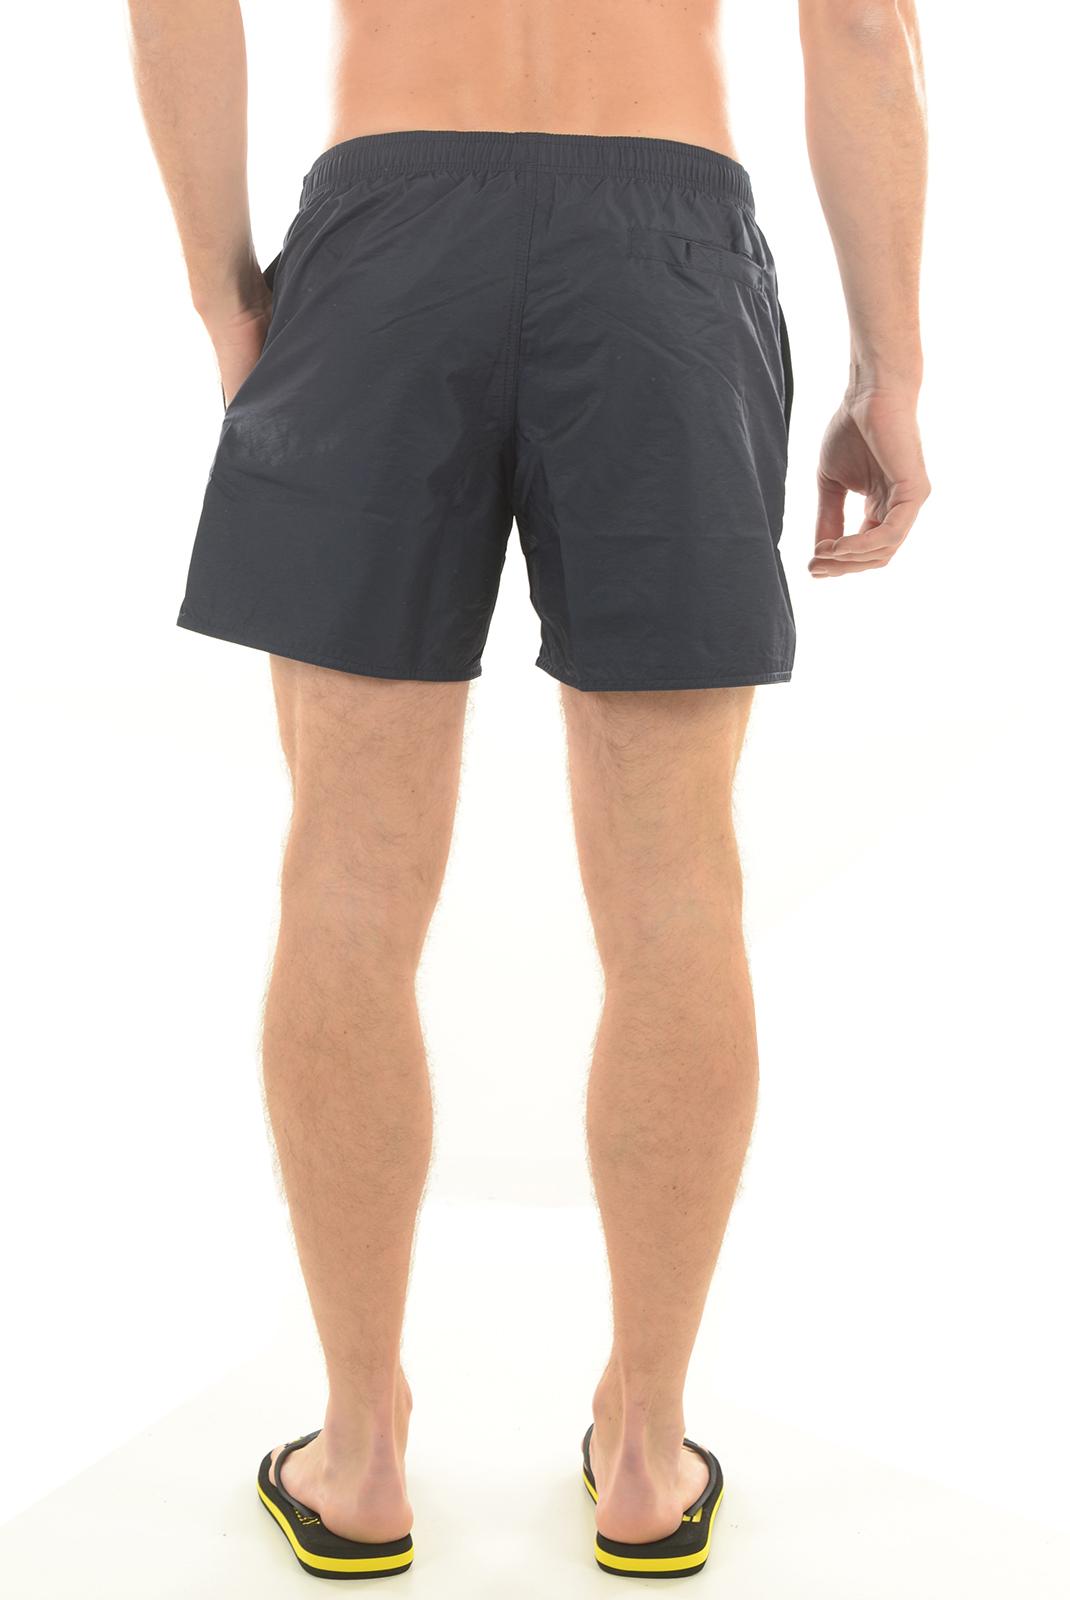 Shorts de bain  Emporio armani 902000 6P726 NAVY 06935